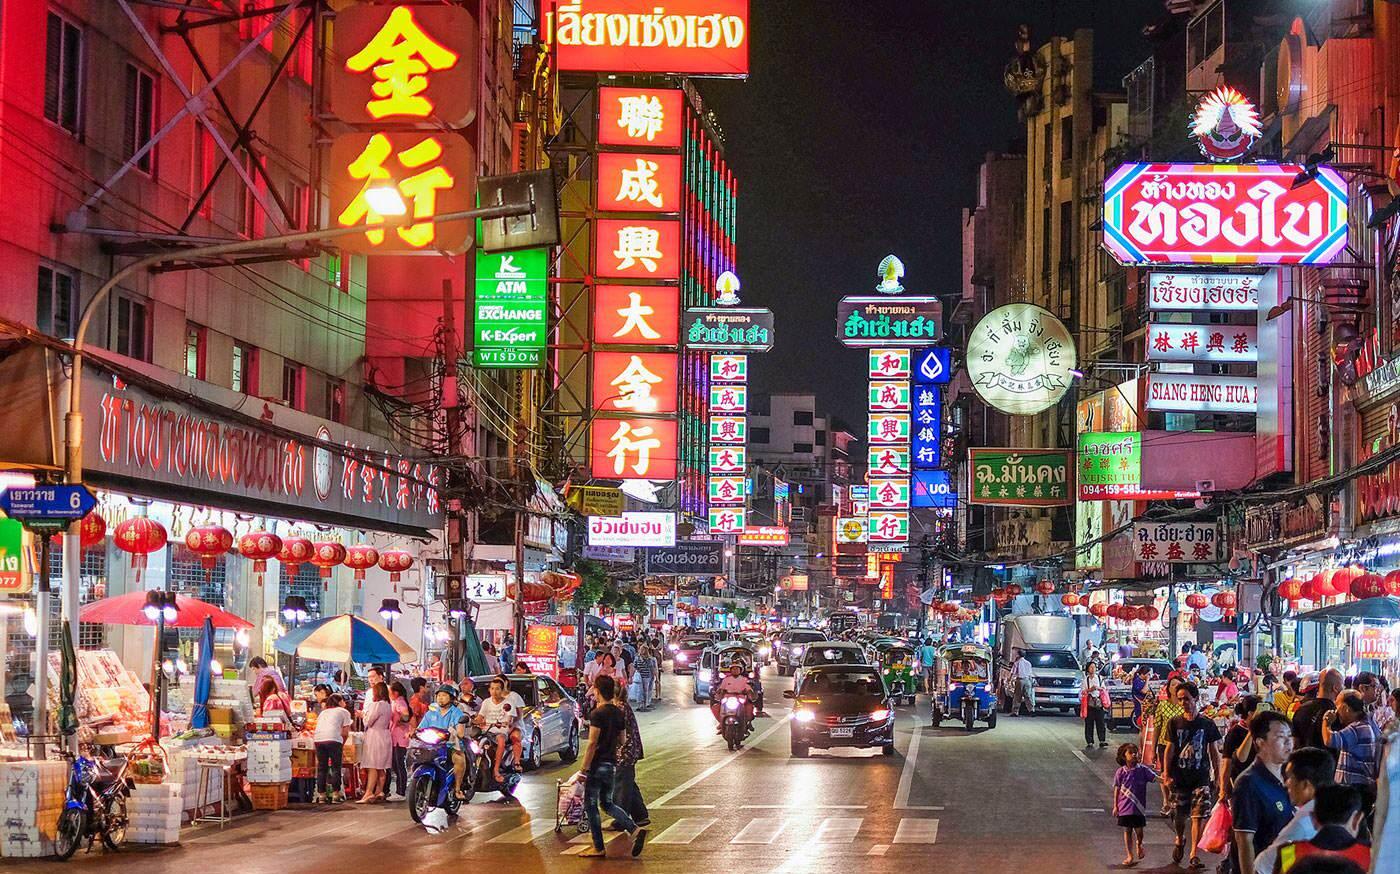 Roteiro de 4 dias em Bangkok 6 dica Viaje Global